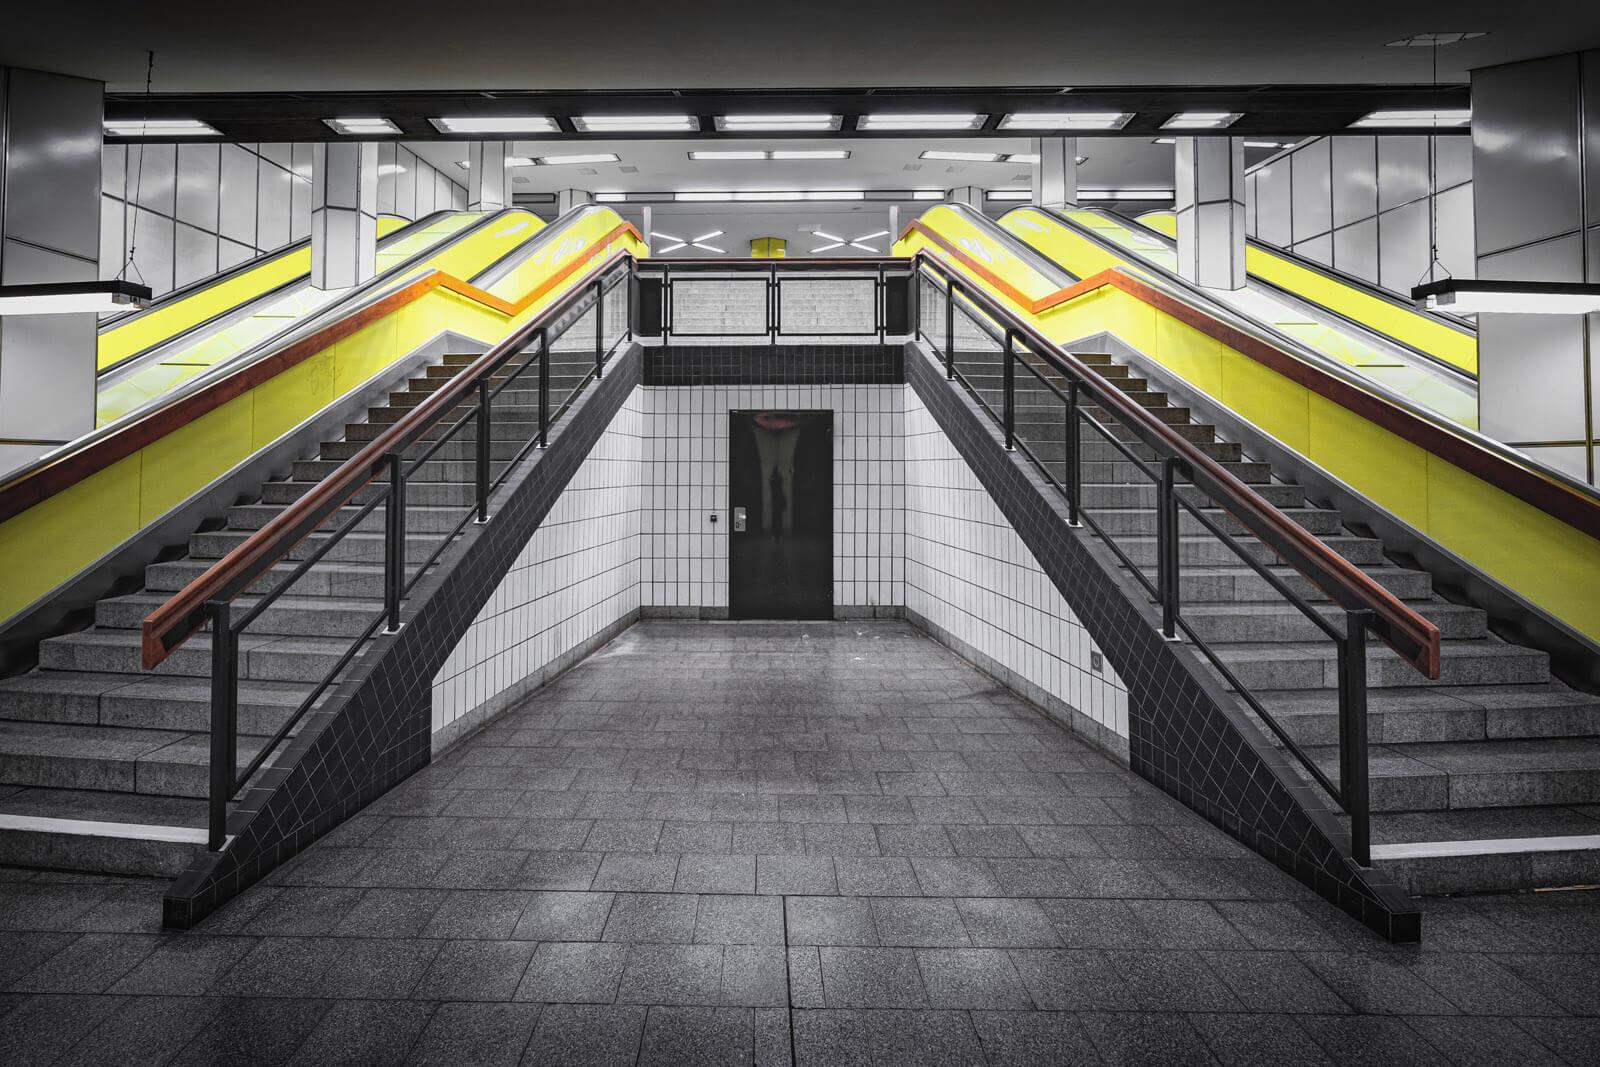 Rolltreppen im U-Bahnhof Jungfernstieg